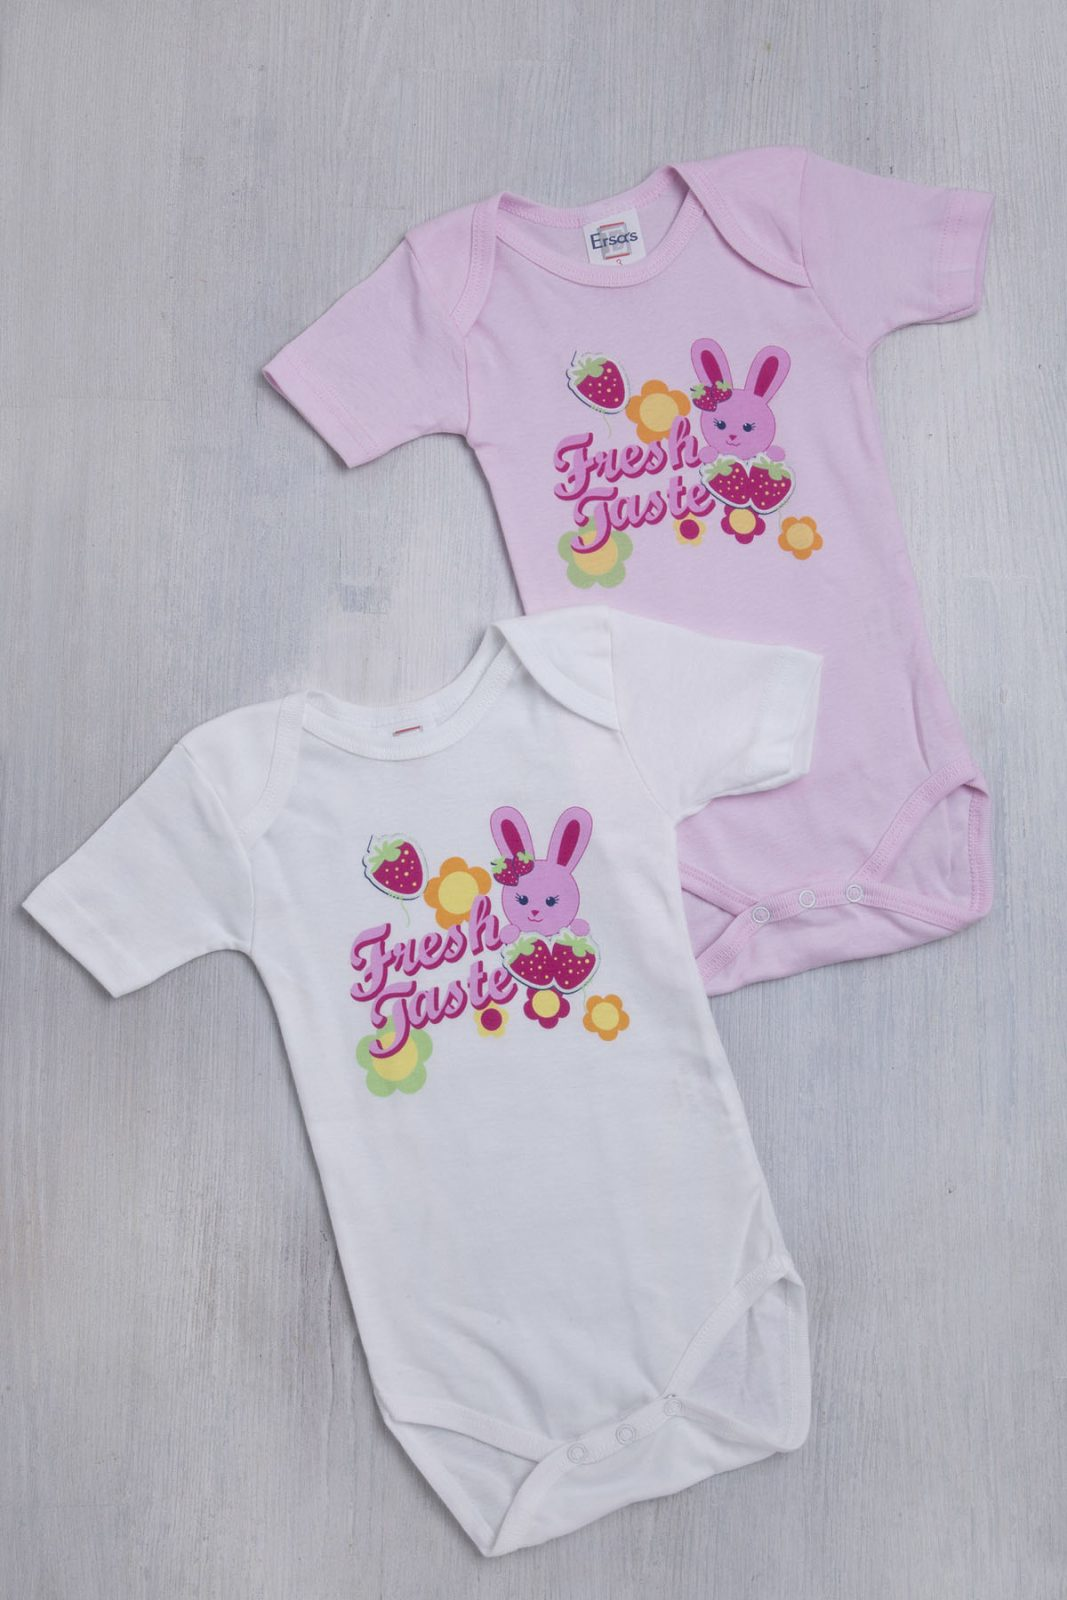 924781ca4cc0 Σετ φορμάκια για Κορίτσια με κοντό μανίκι σε λευκό και ροζ